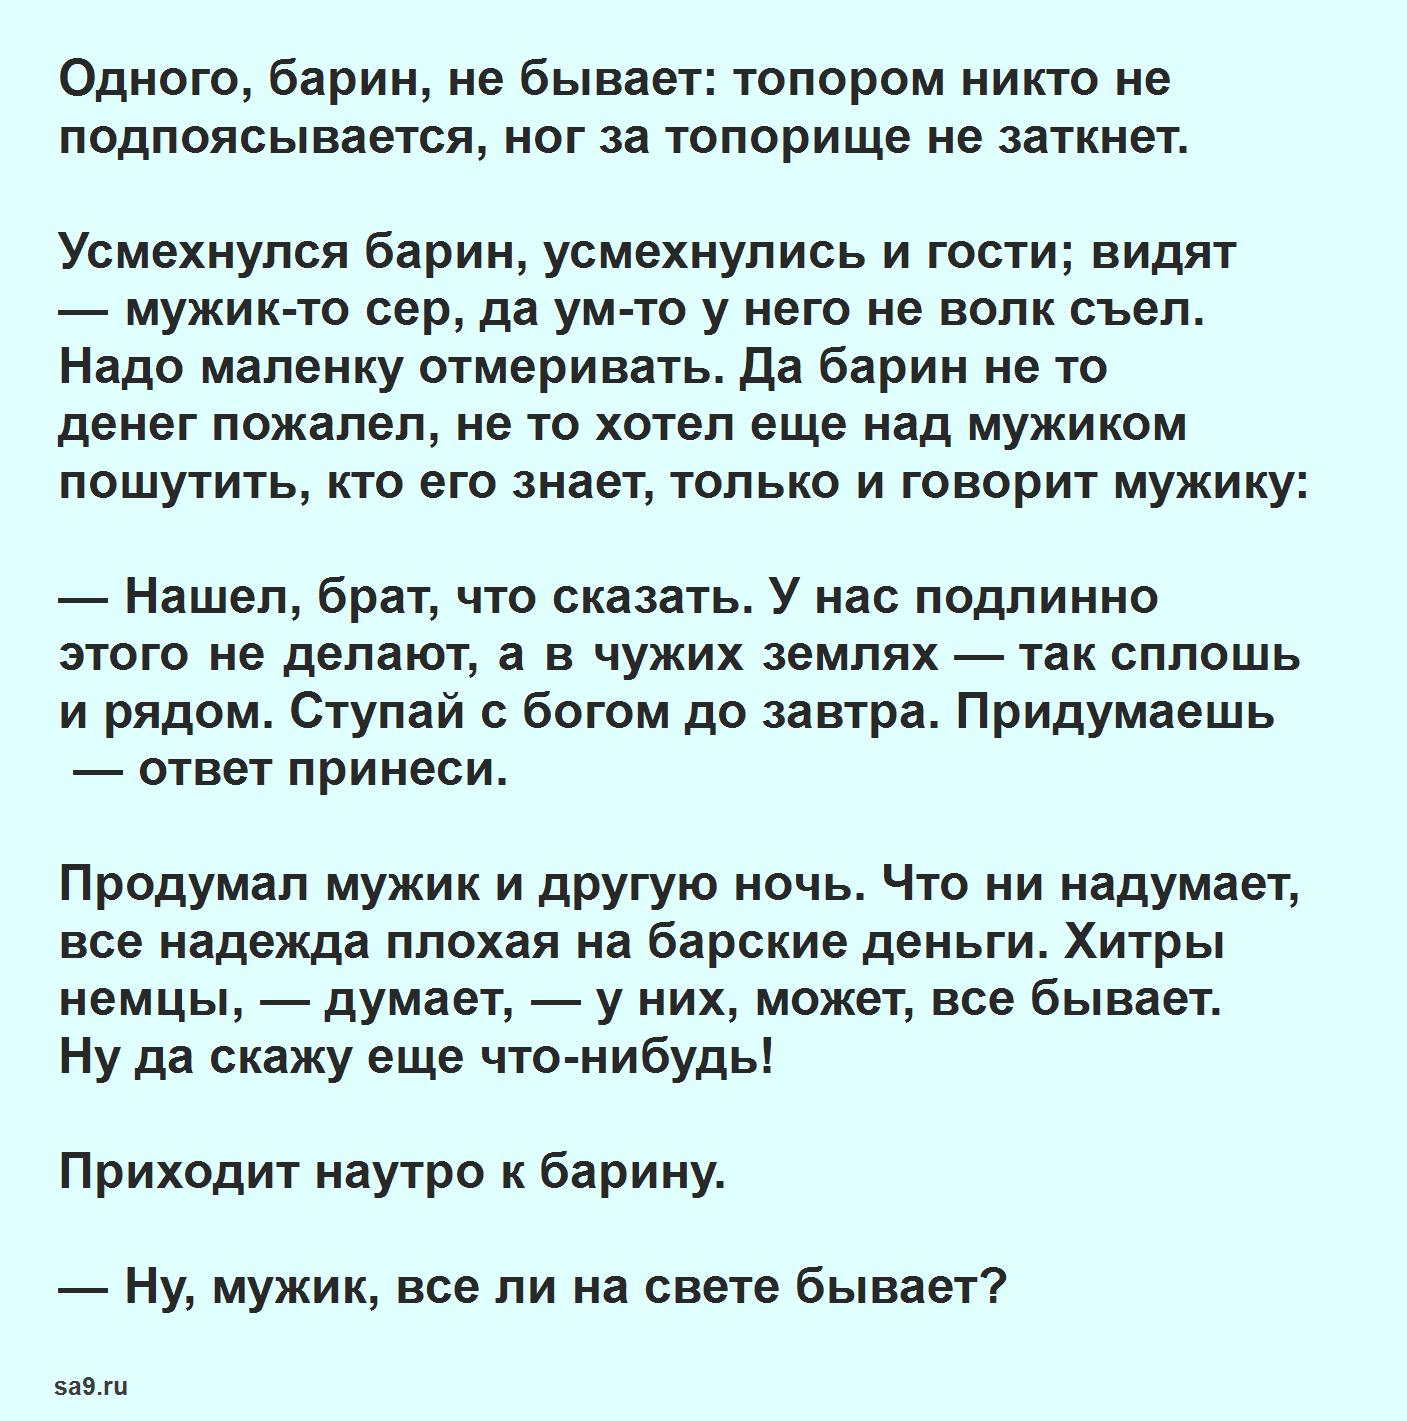 Русская народная сказка - Чего на свете не бывает, читать онлайн бесплатно